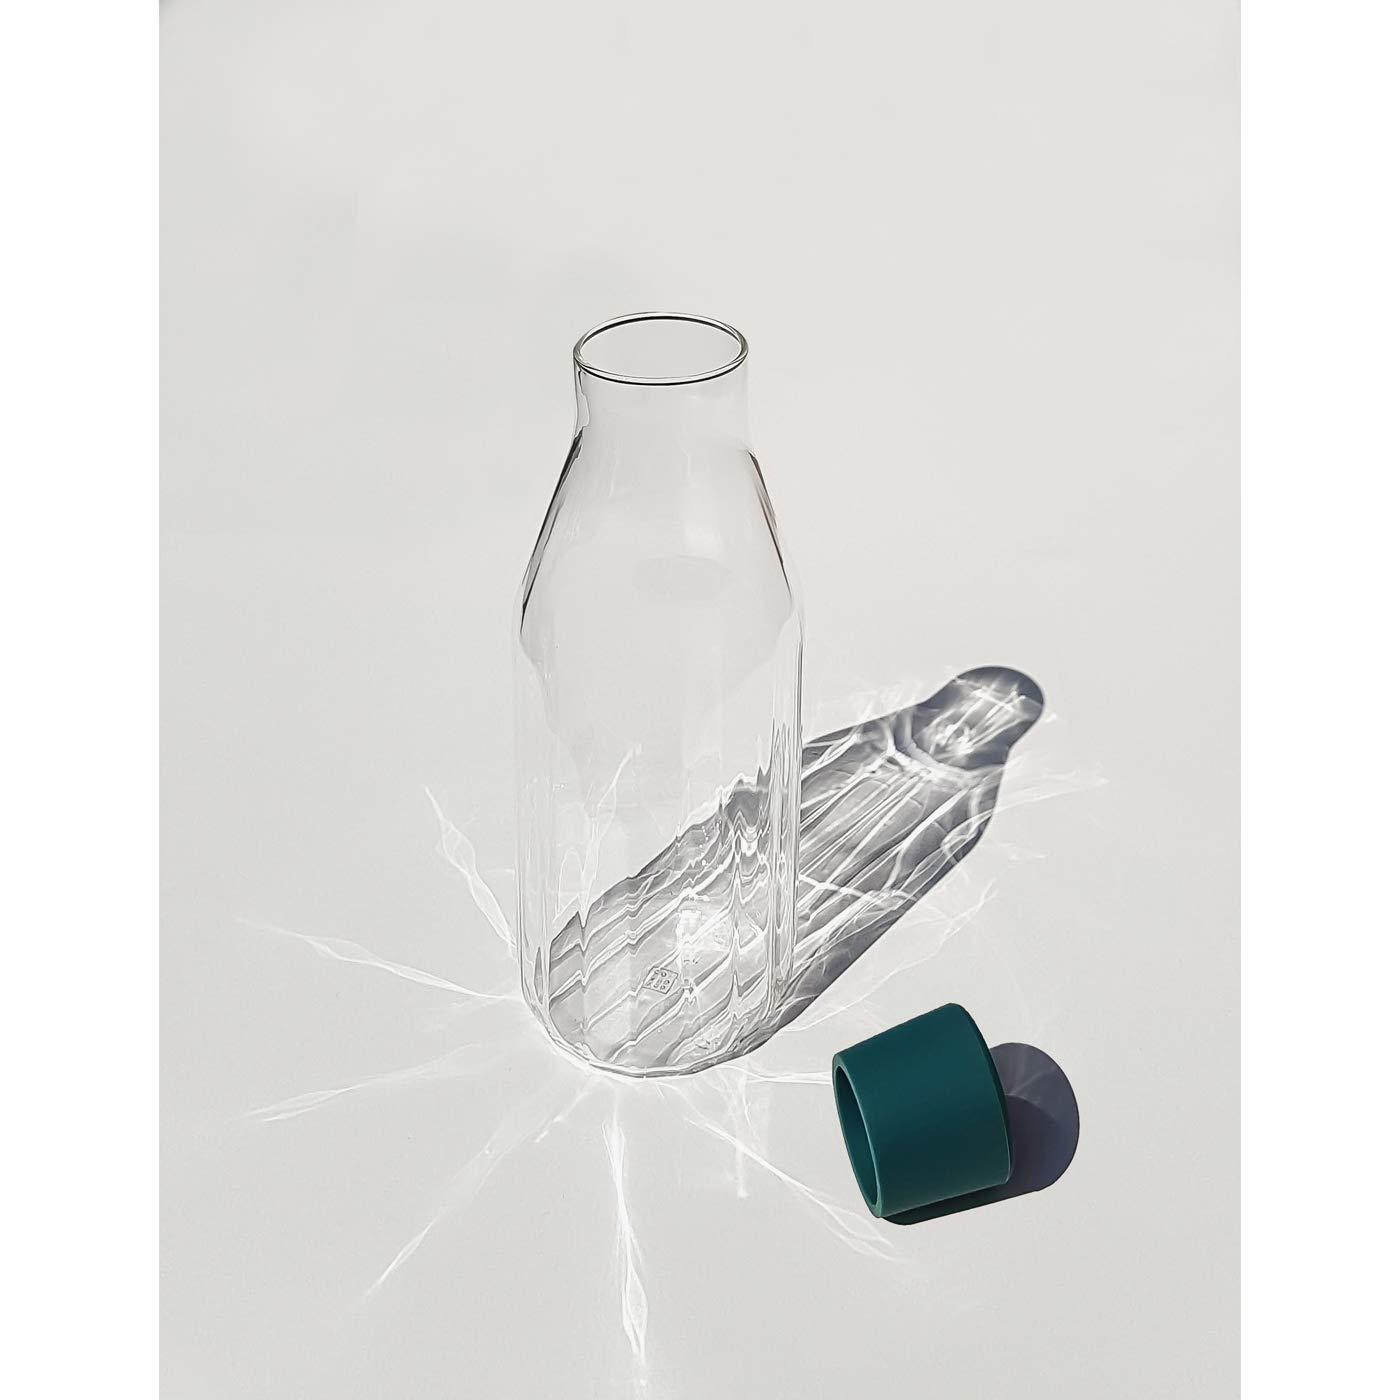 caraffa con tappo in silicone da Yod e CO 9.6cm X 26cm Green Rivington caraffa 1.1l//vetro soffiato a mano